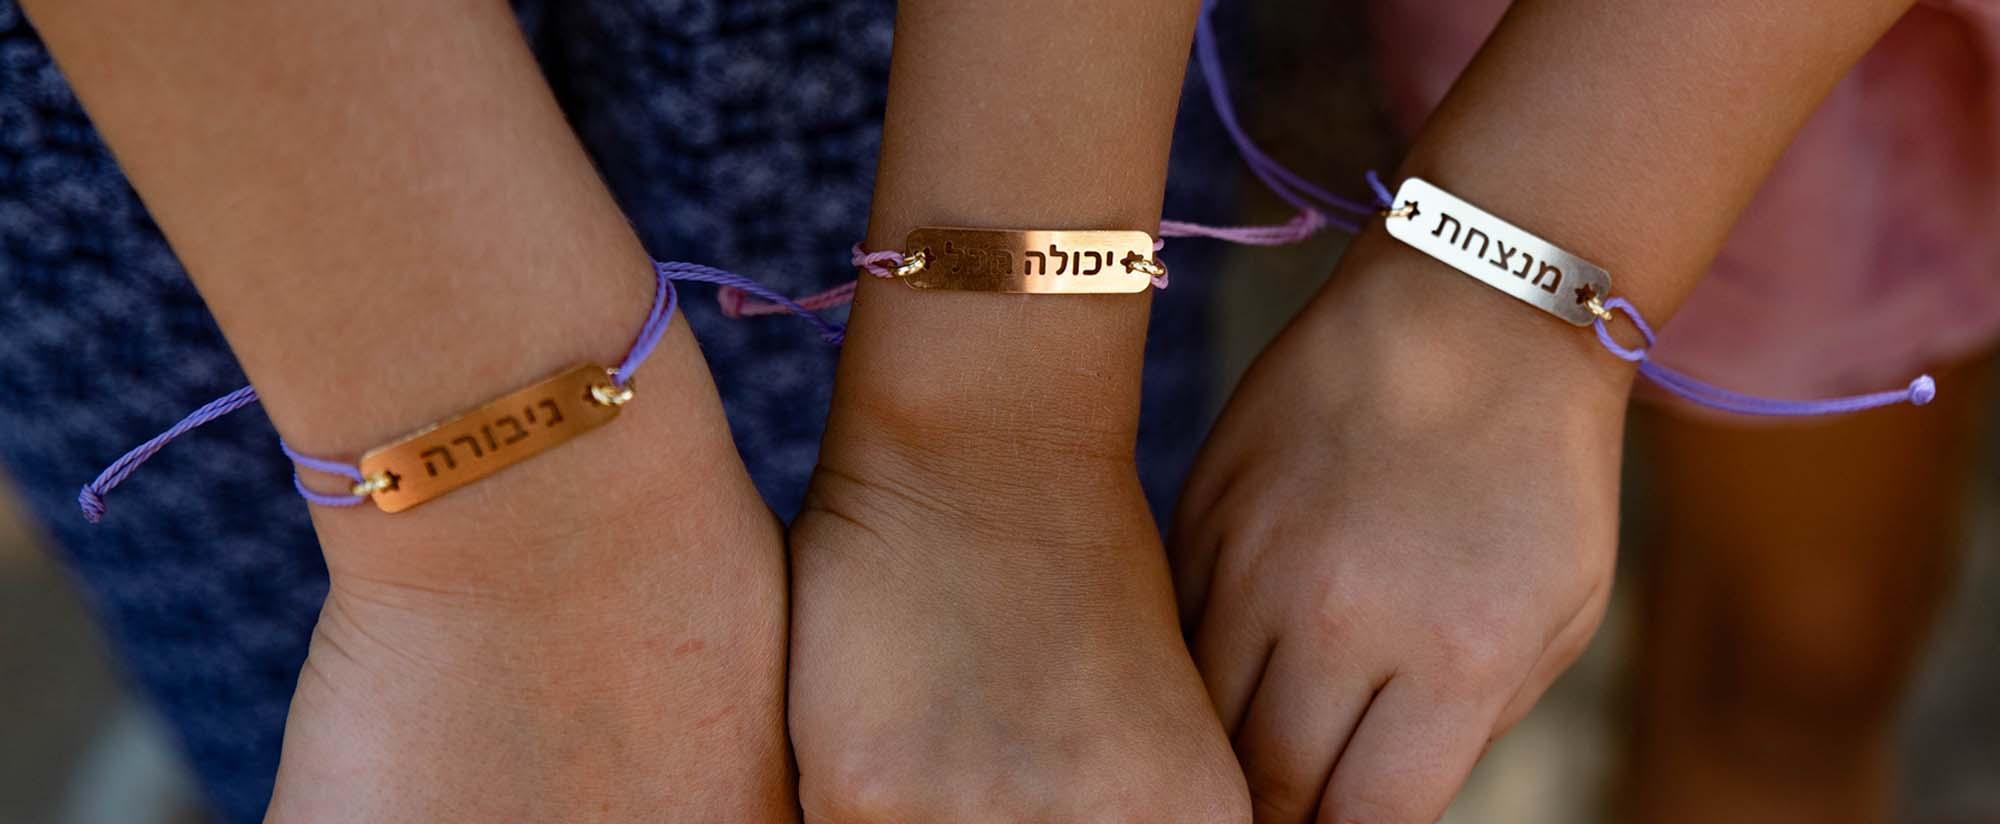 Fashion Israel - חדשות אופנה, כתבות אופנה, טרנדים, מגזין אופנה, אופנה - עמותת ביחד - צילומים נעמה הלל מלמד - 1